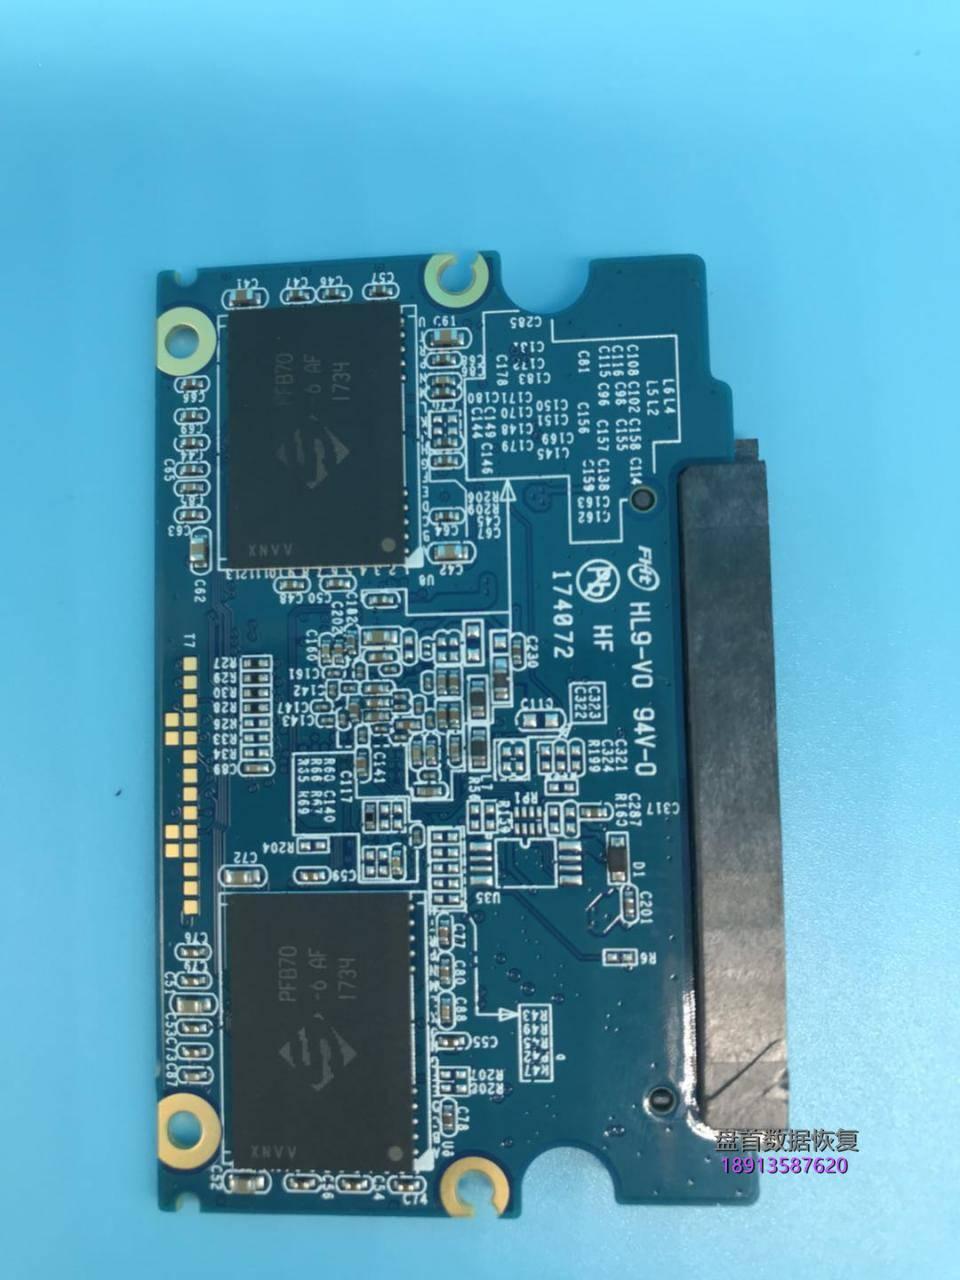 ssd固态硬盘识别成satafirm-s11-主控ps3111芯片数据完美恢复 SSD固态硬盘识别成SATAFIRM S11 主控PS3111芯片数据完美恢复